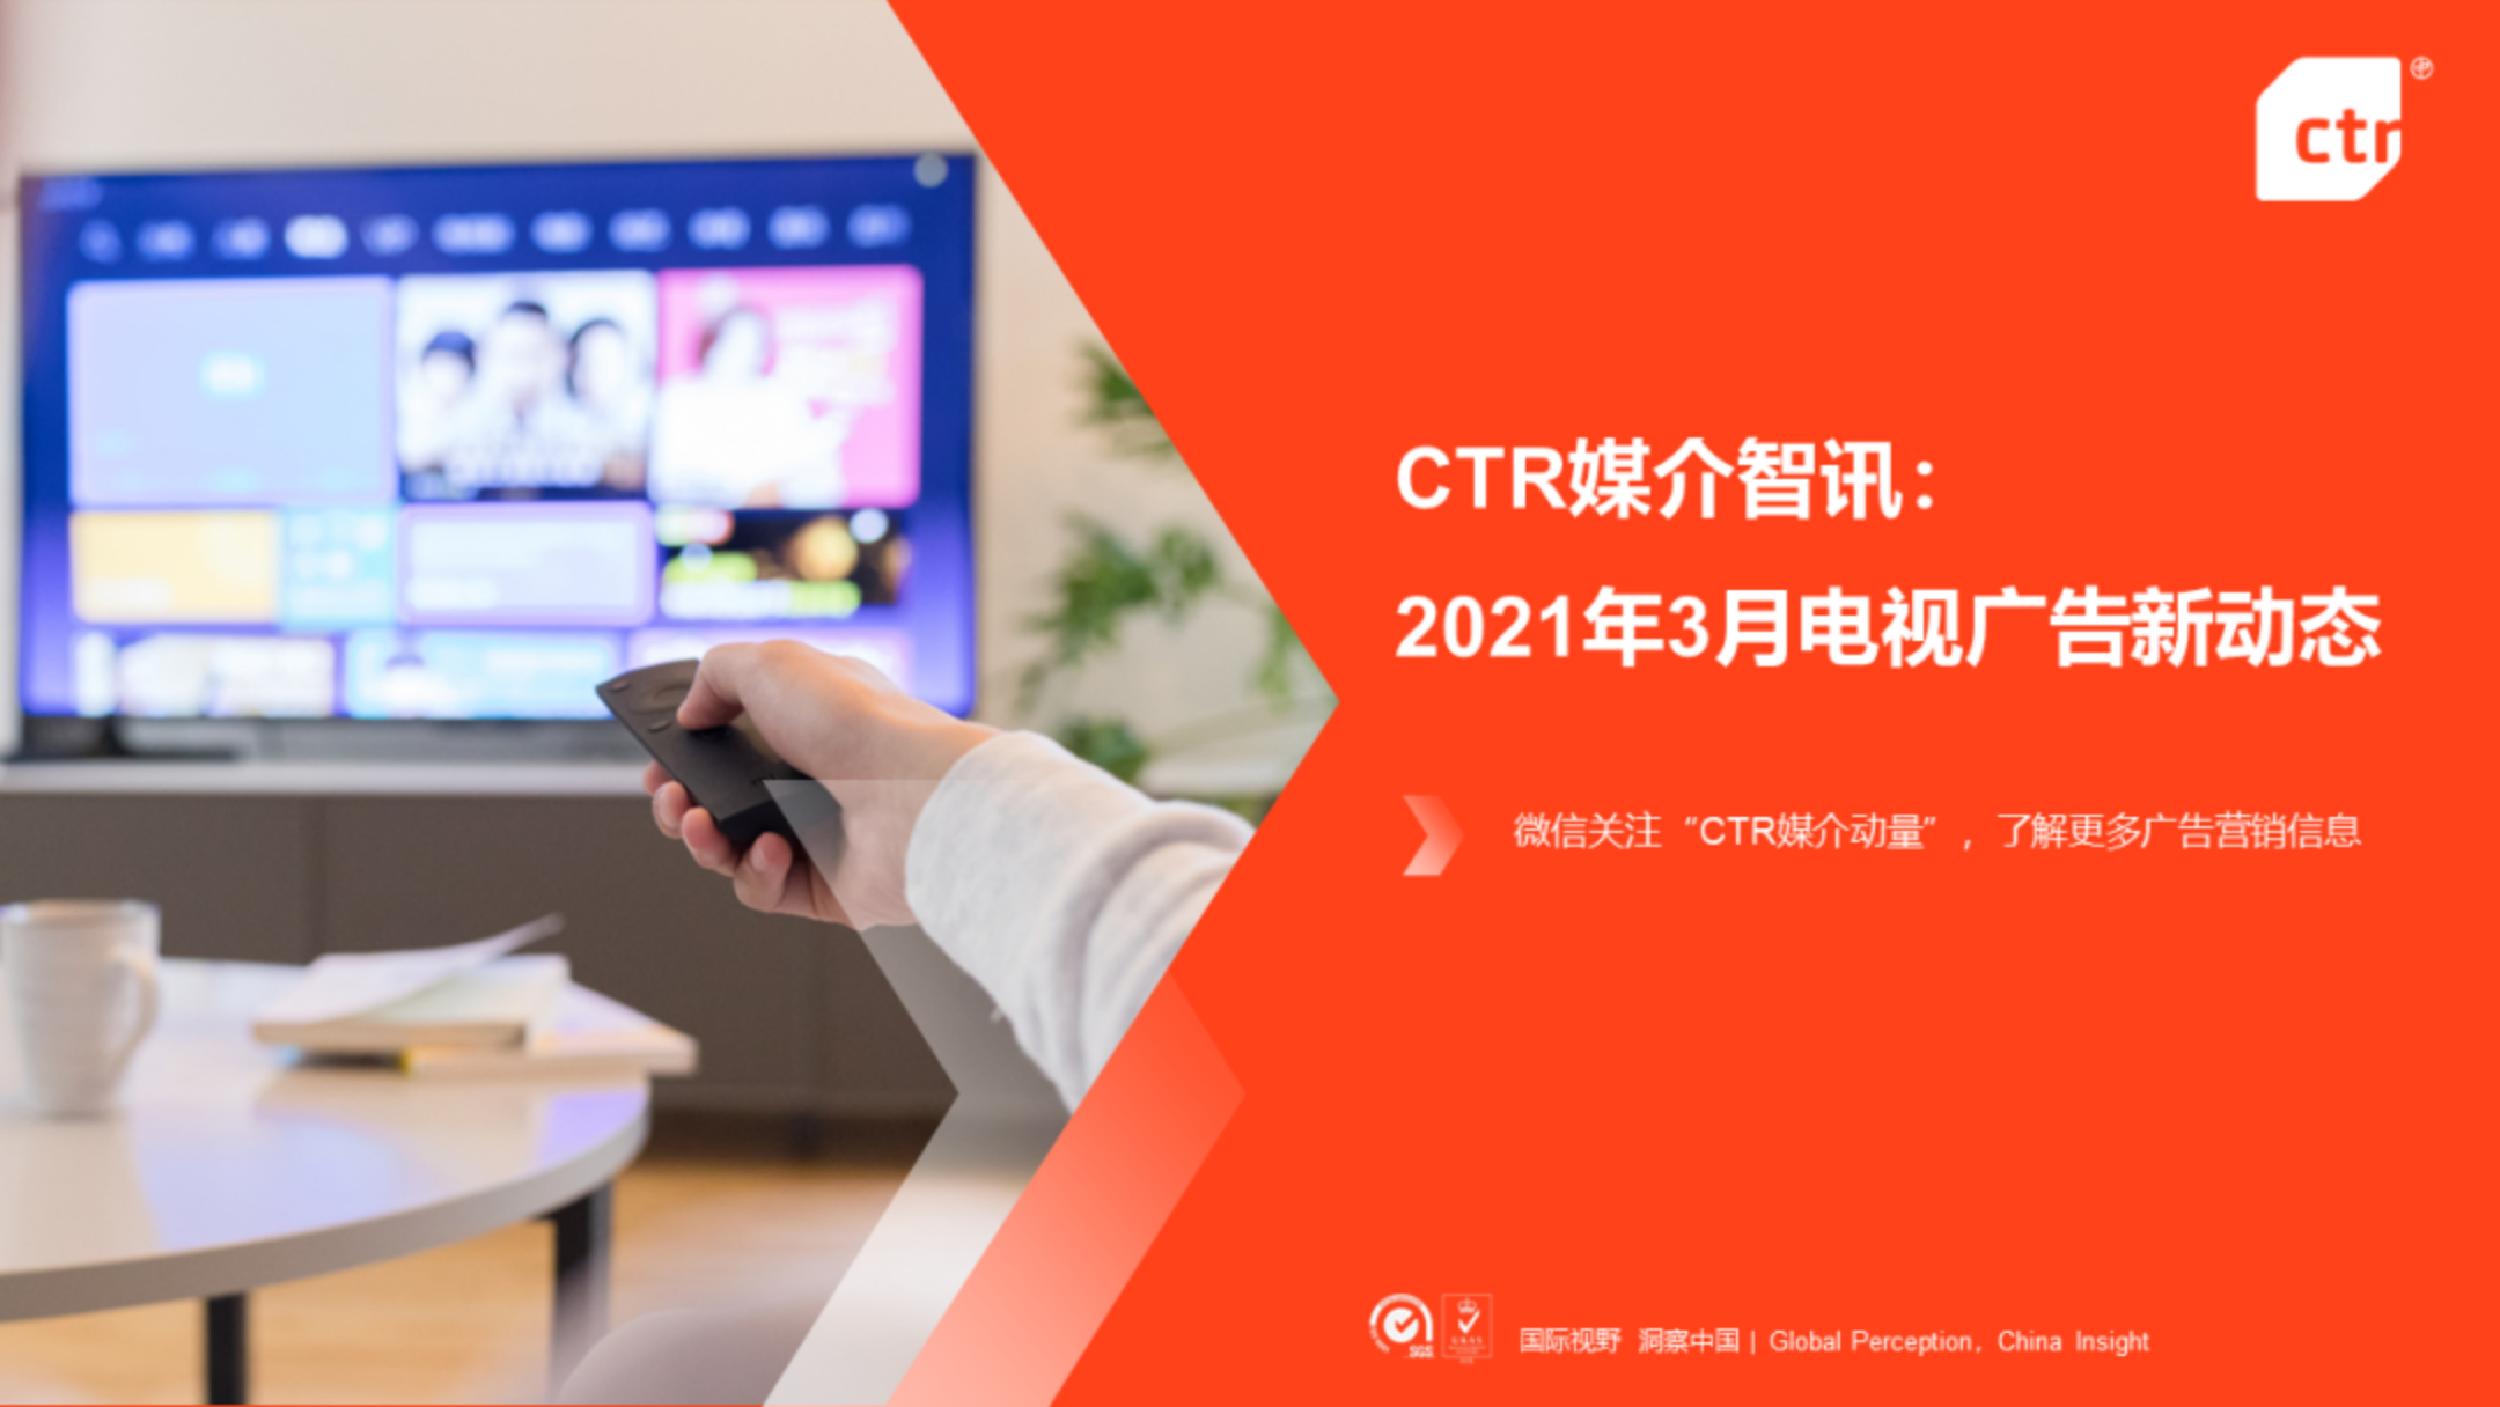 CTR媒介智讯:2021年3月电视广告新动态